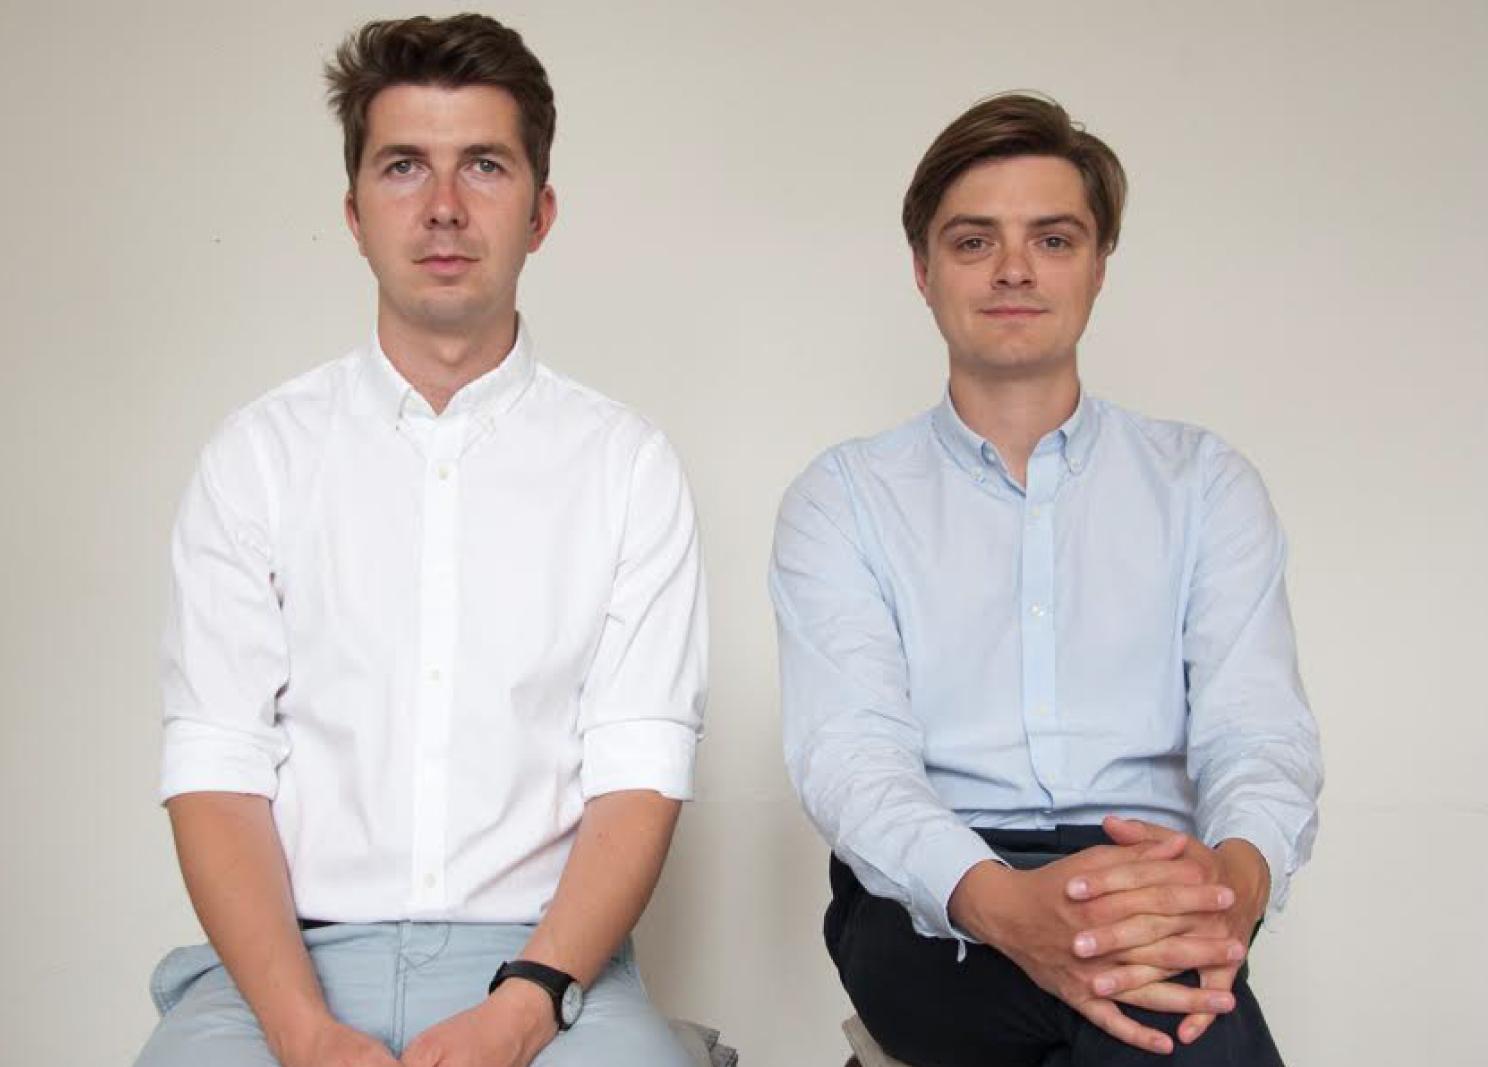 SPOTKANIE: Adrian Dorschner & Thomas Beyer oraz Wojciech Jarząbek